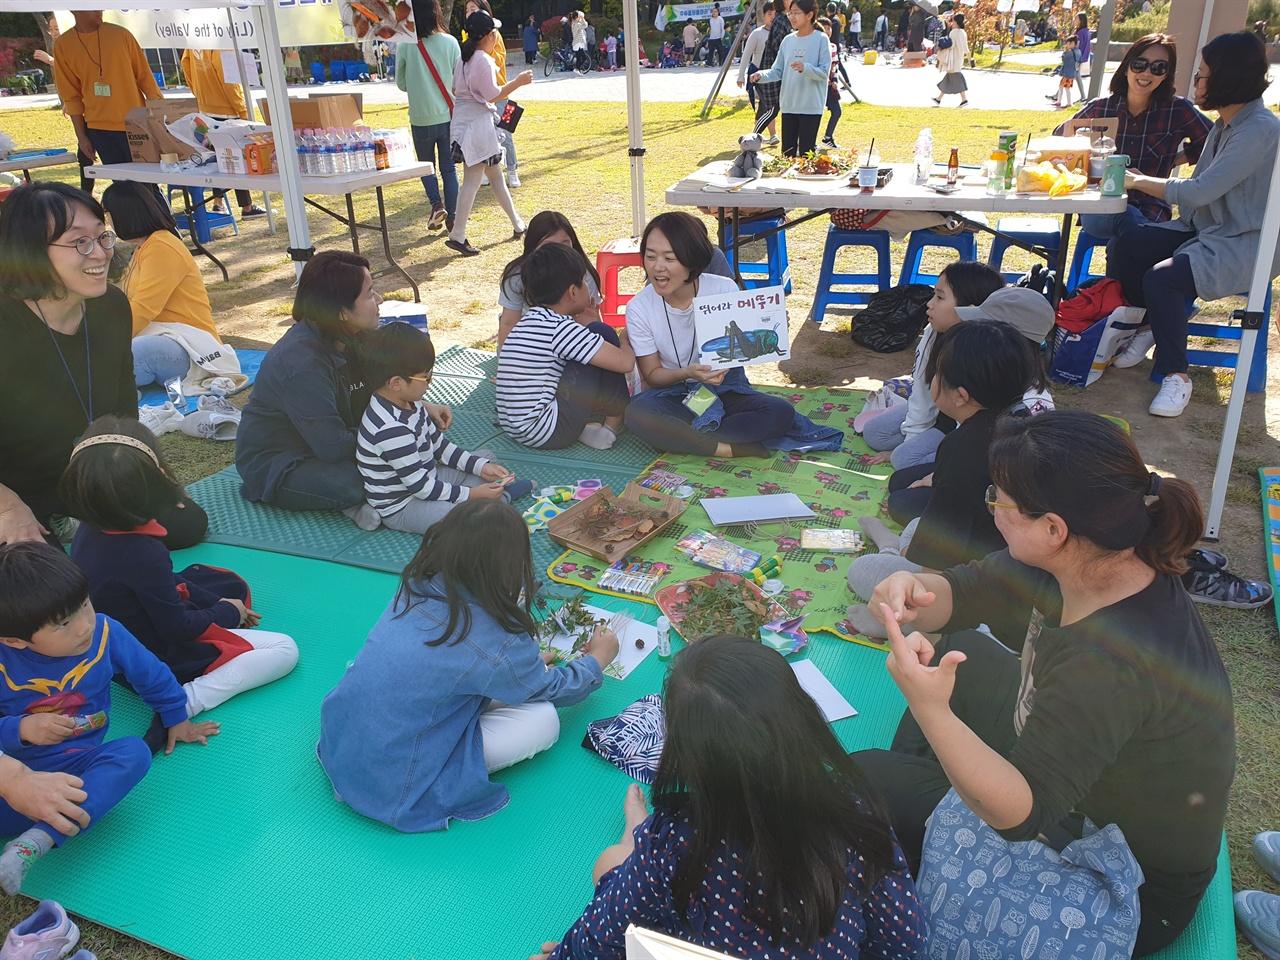 '대전동화읽는어른' 활동가들이 아이들에게 책을 읽어주고, 자연물을 이용하여 만들기 놀이를 함께 했다.